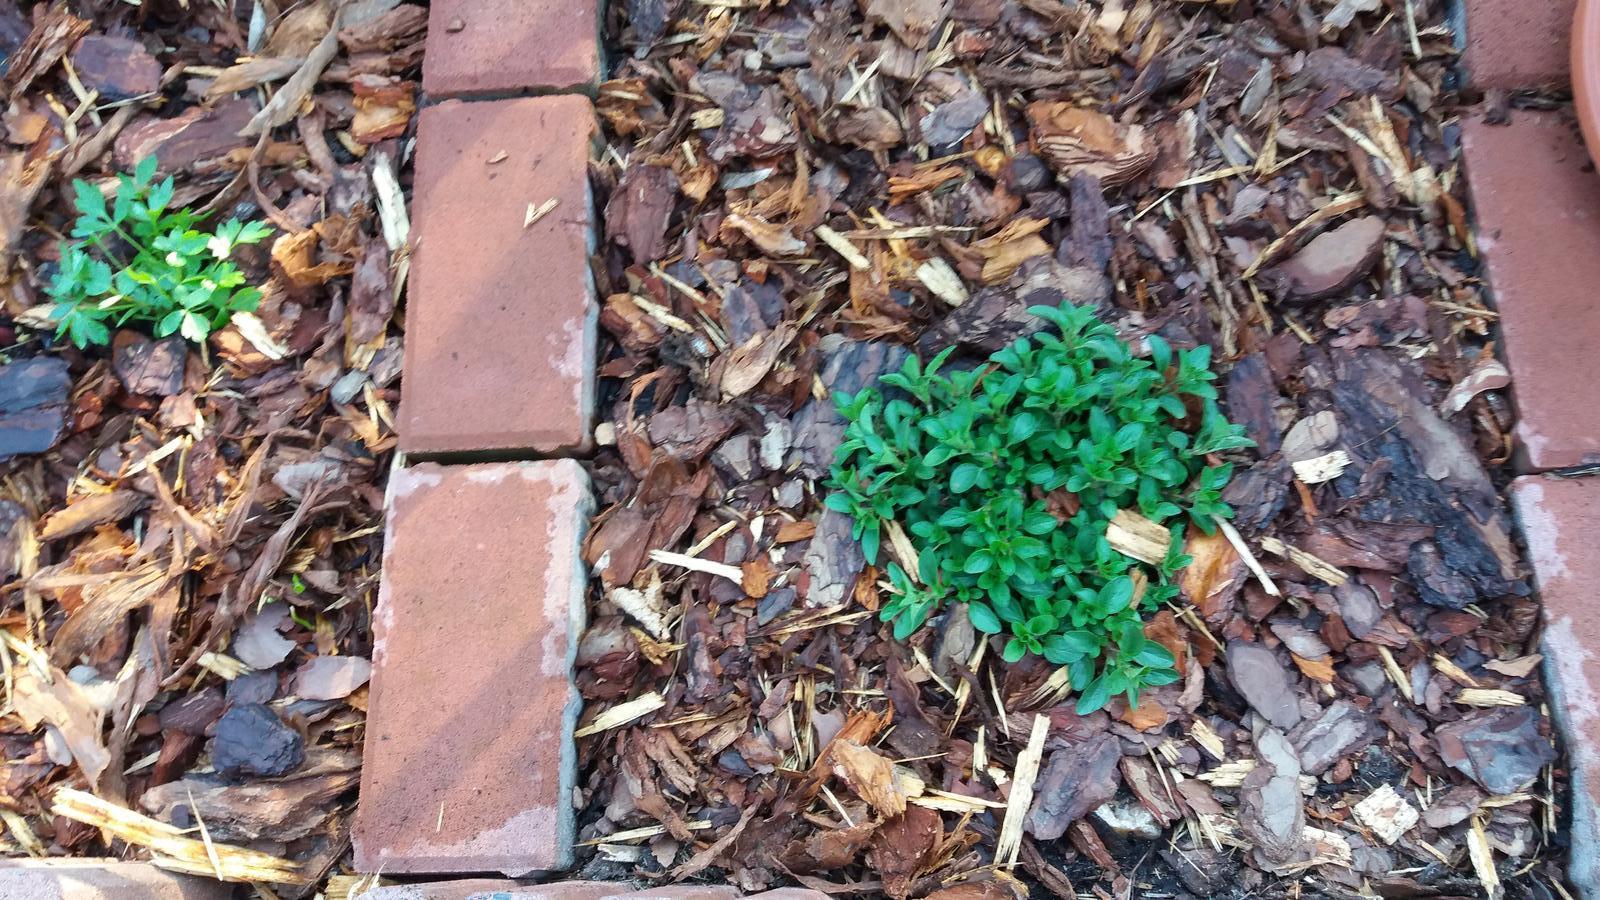 Rok 2017 u nás a po našem.... - V úterý jsem zasadila oregáno,dnesbje jednou takové...taky vyborný plevel to je...